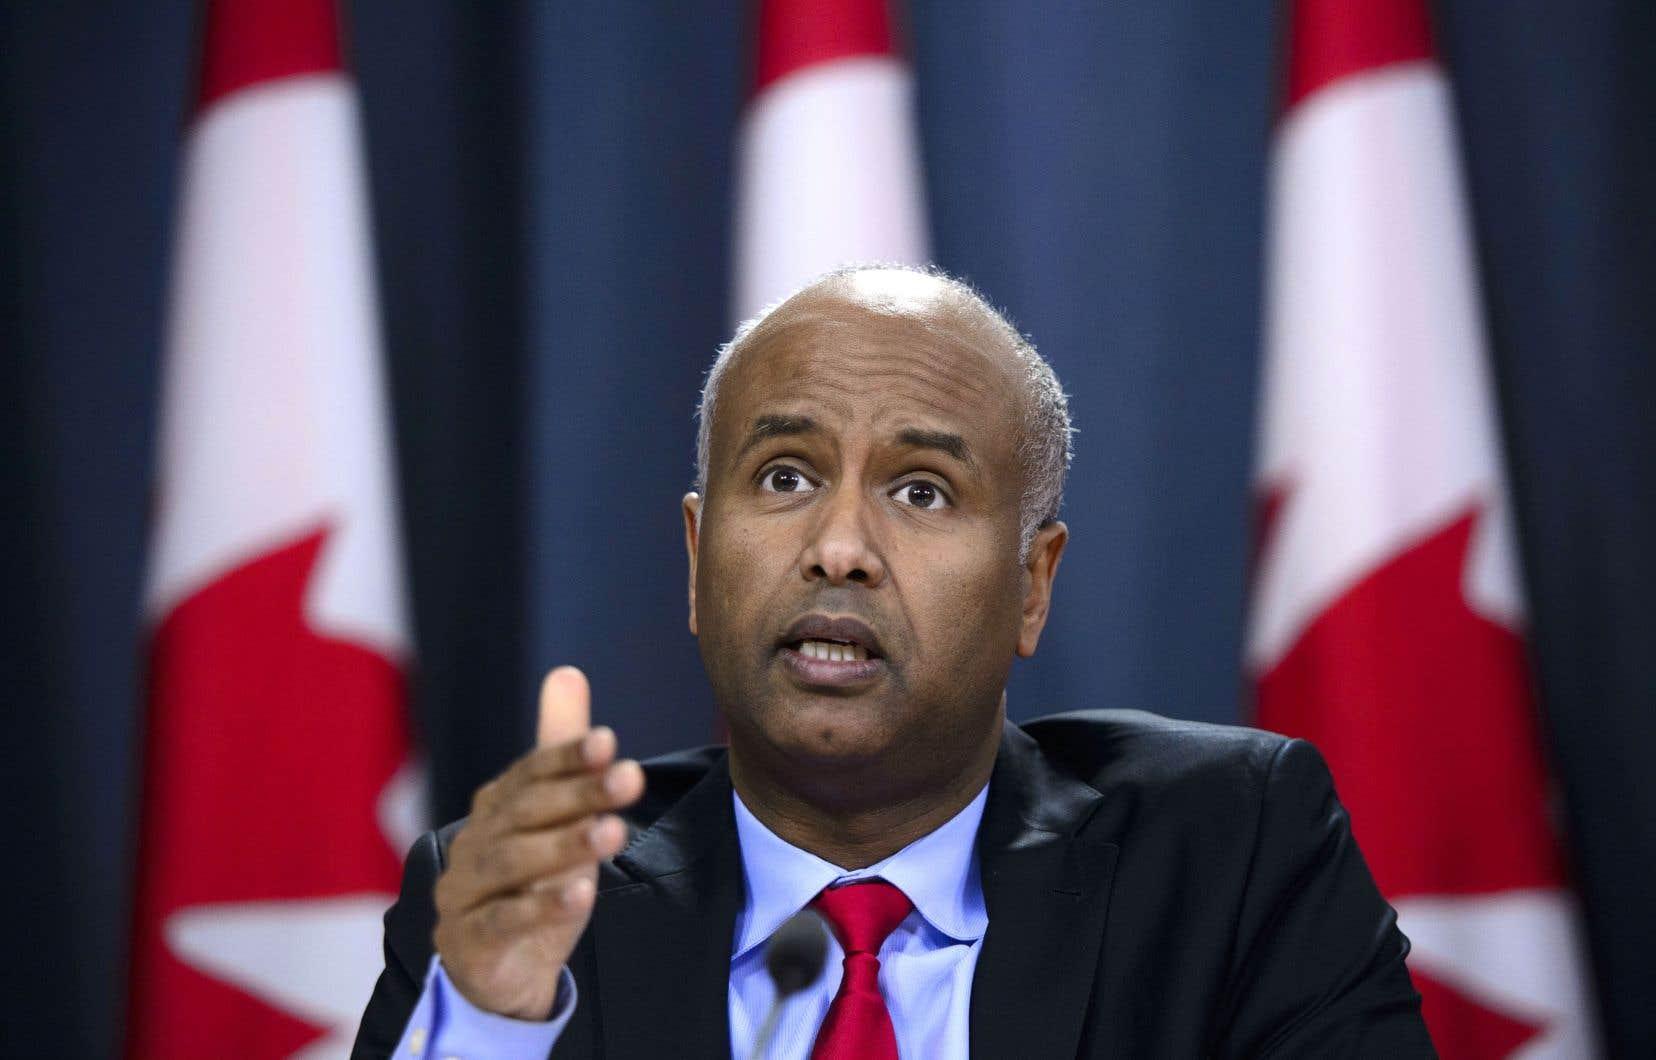 Le ministre de l'Immigration, Ahmed Hussen, affirme que le changement apporté par ses prédécesseurs n'avait pas réduit le nombre de demandes provenant des pays désignés.